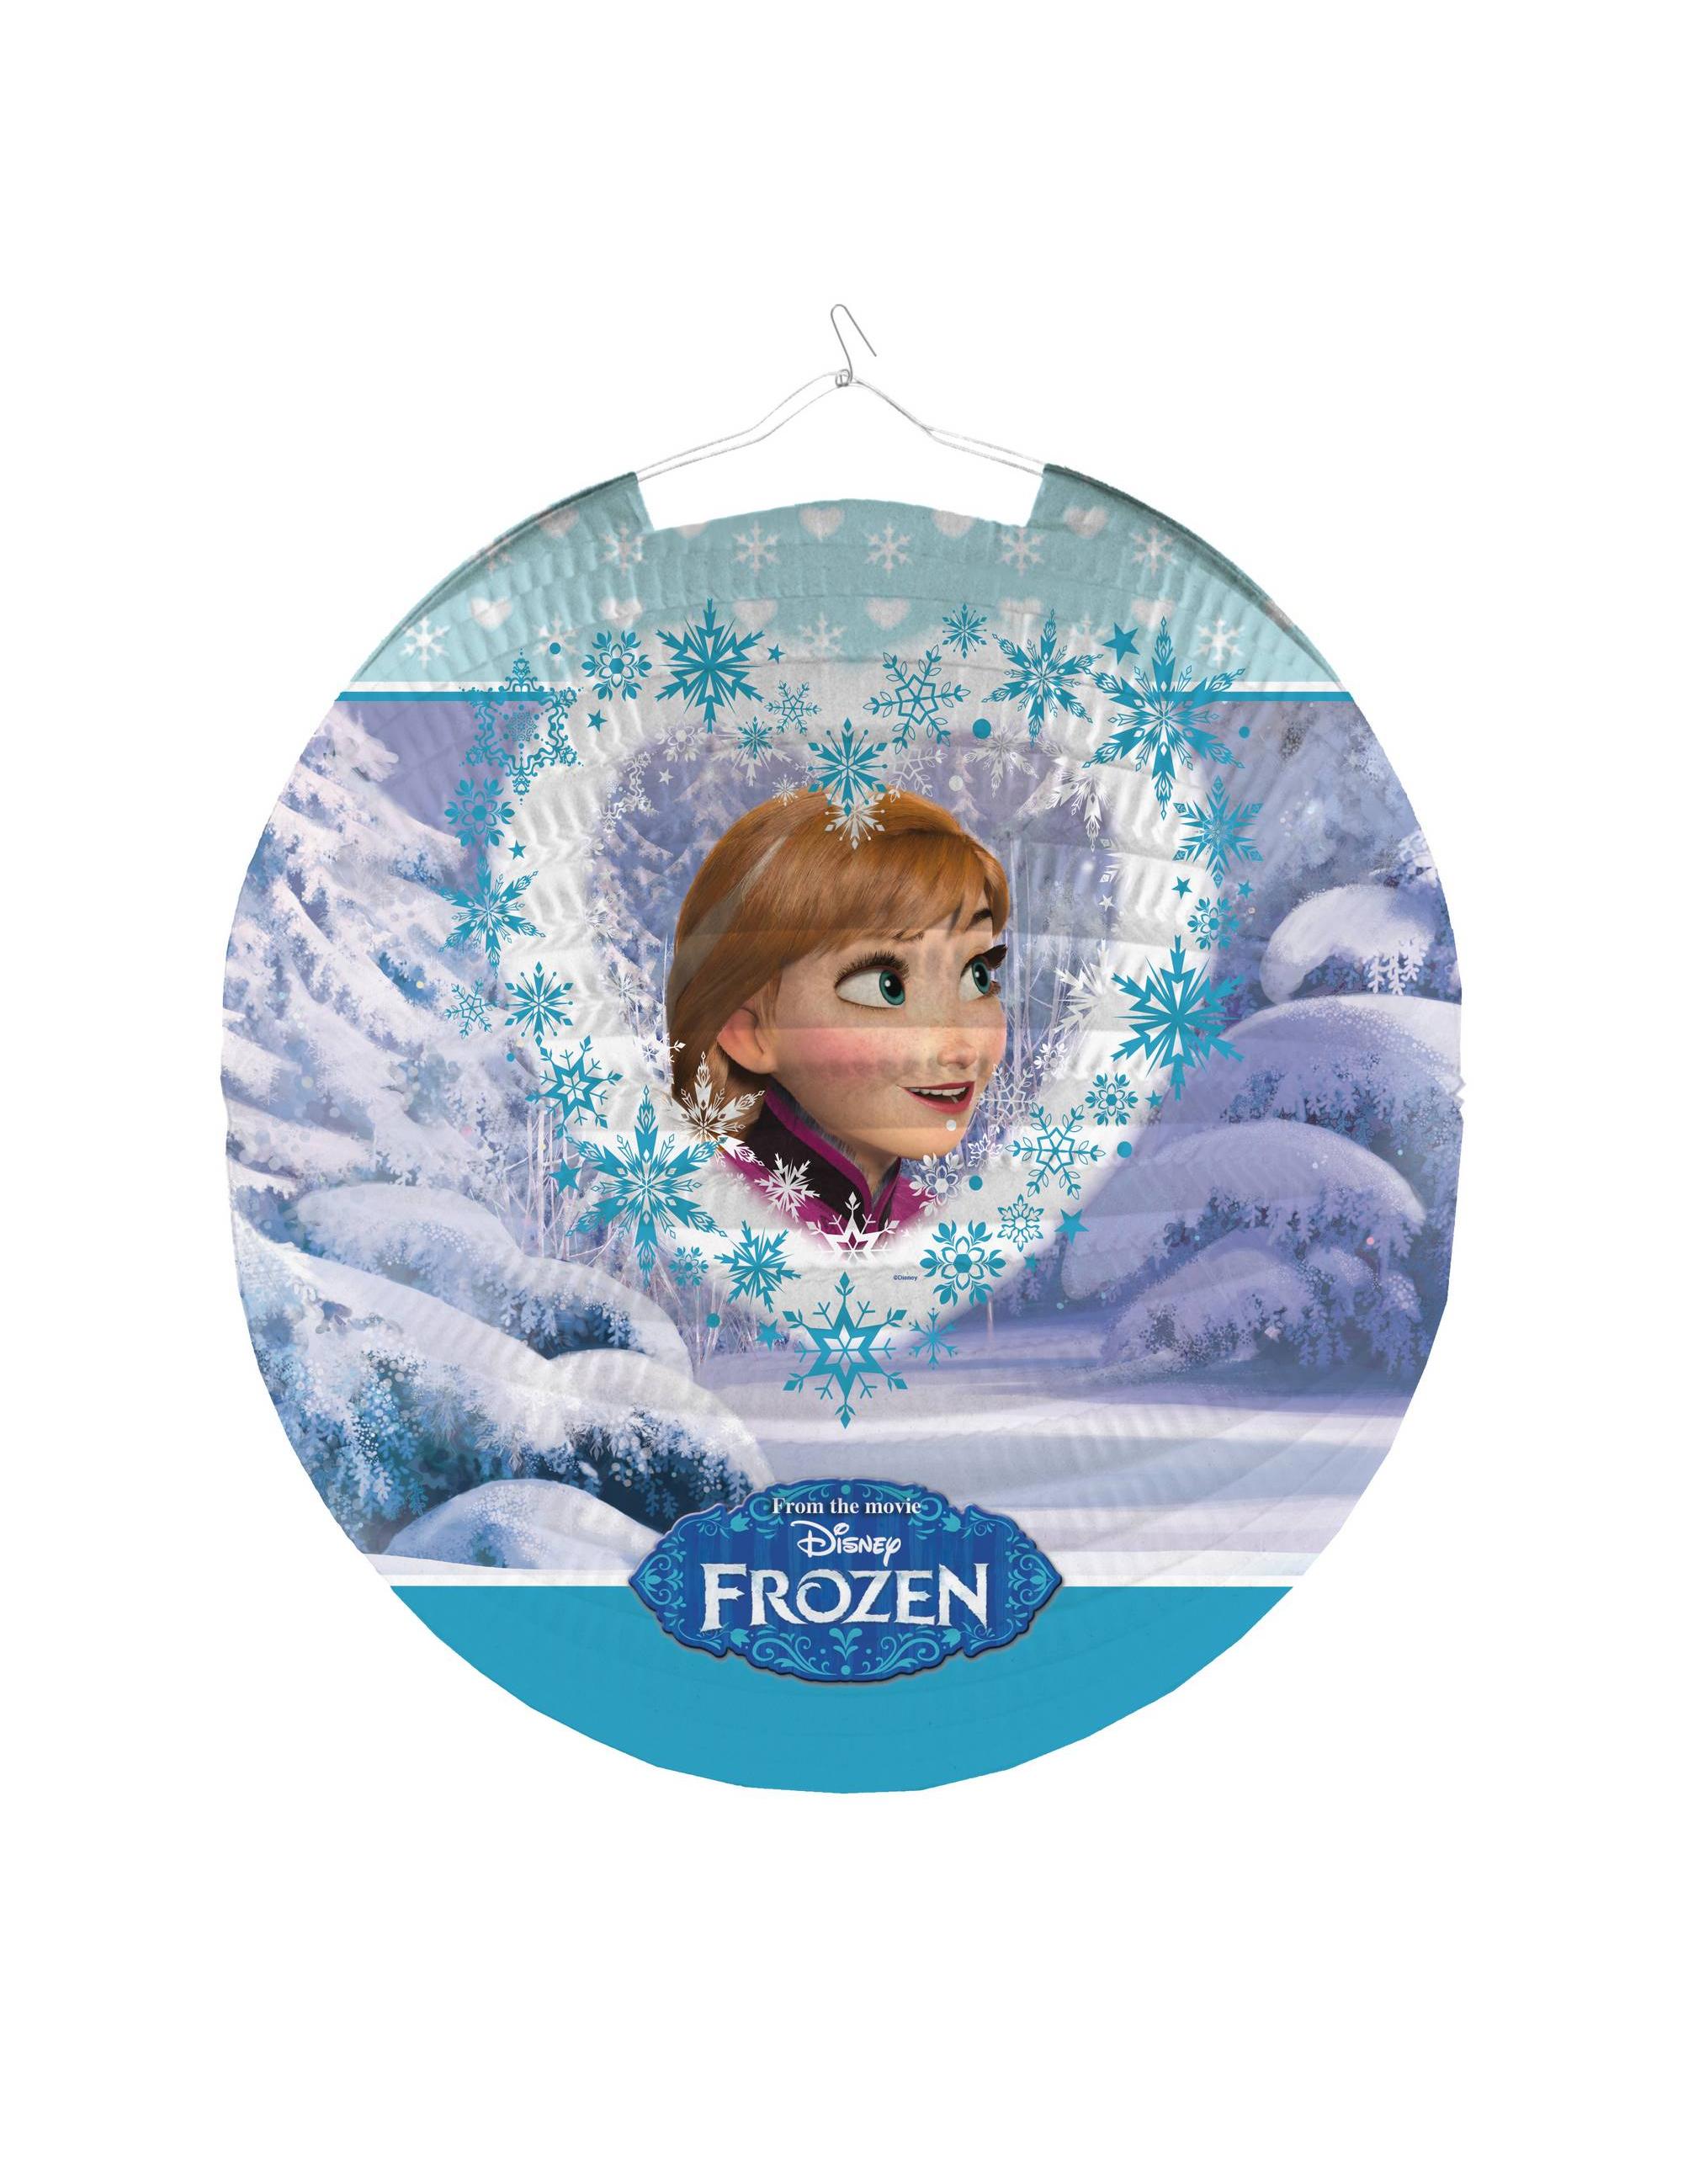 Lampion en papier la reine des neiges 25 cm achat de for Decoration la reine des neiges